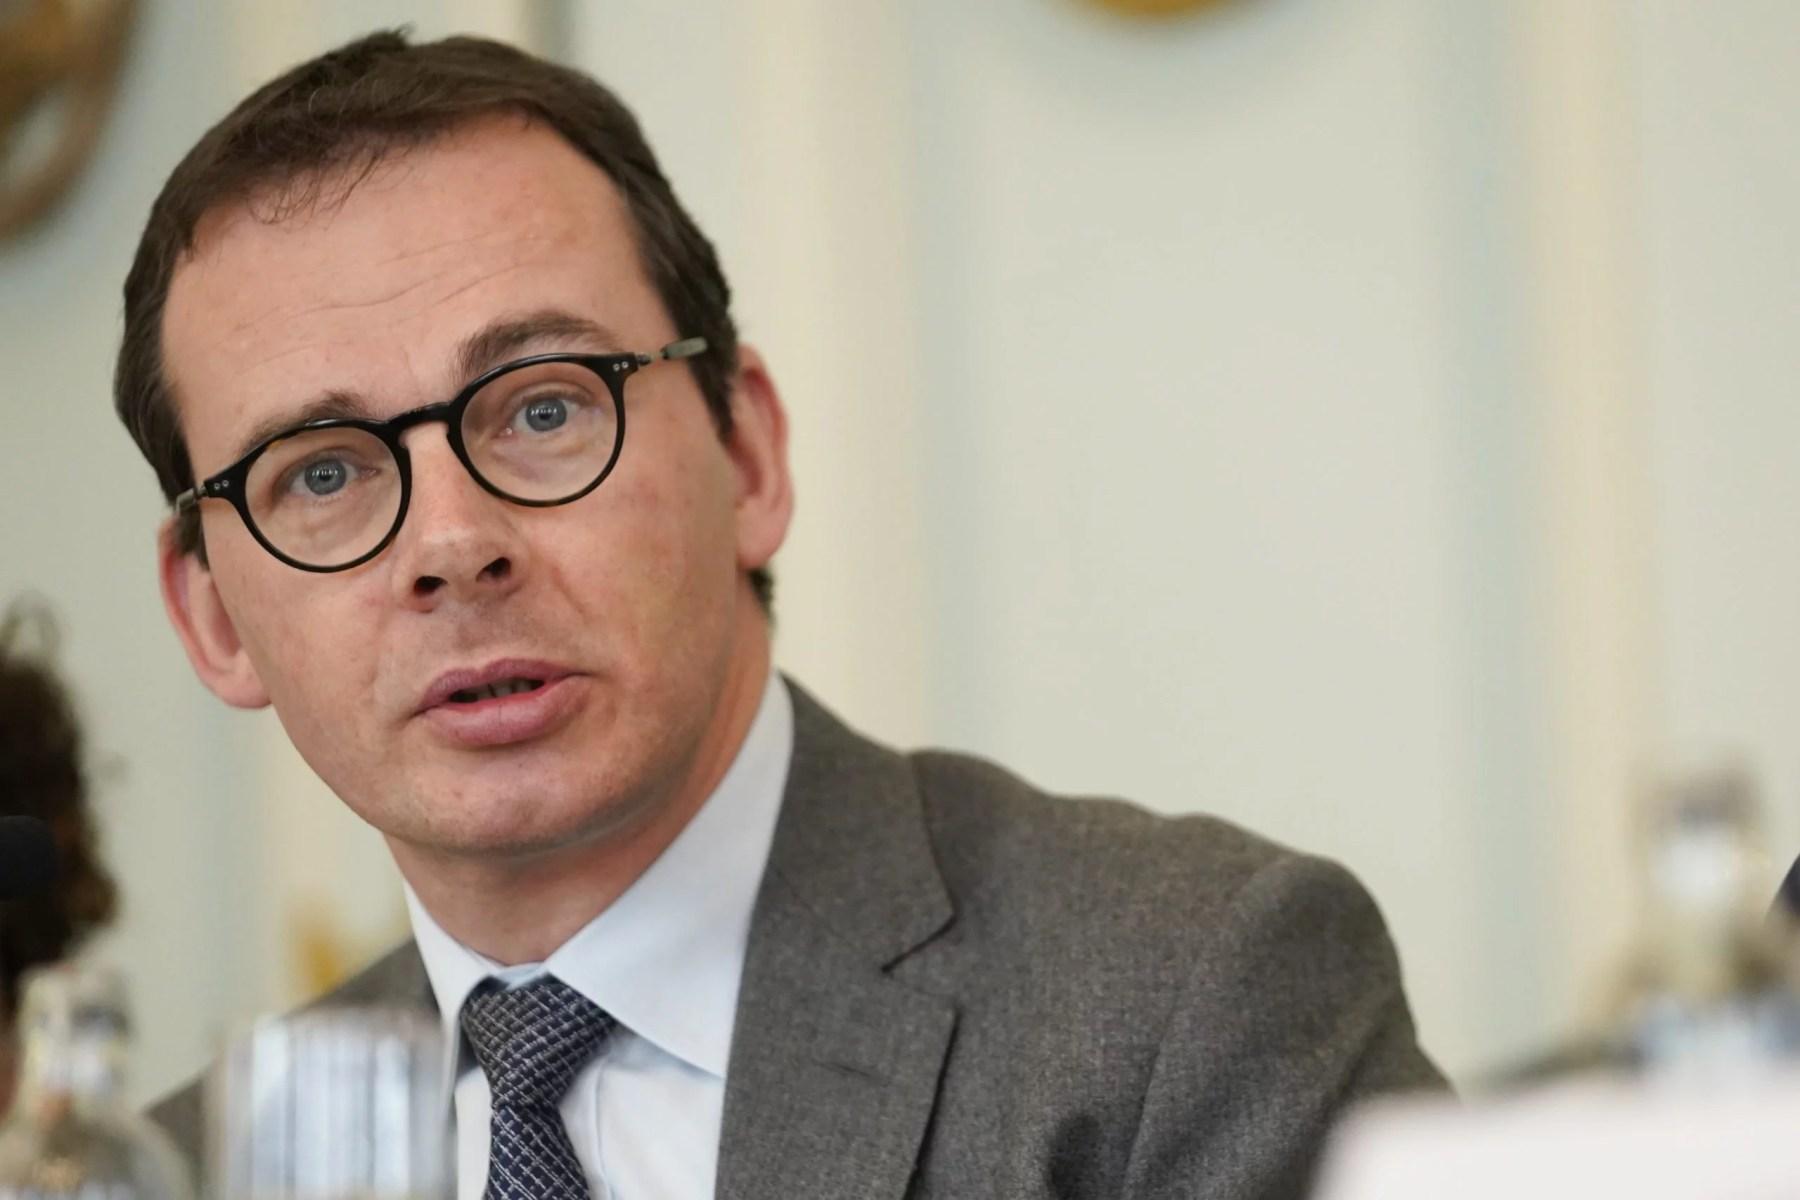 Qui est-ce ? Wouter Beke, le ministre bouc émissaire de la Flandre